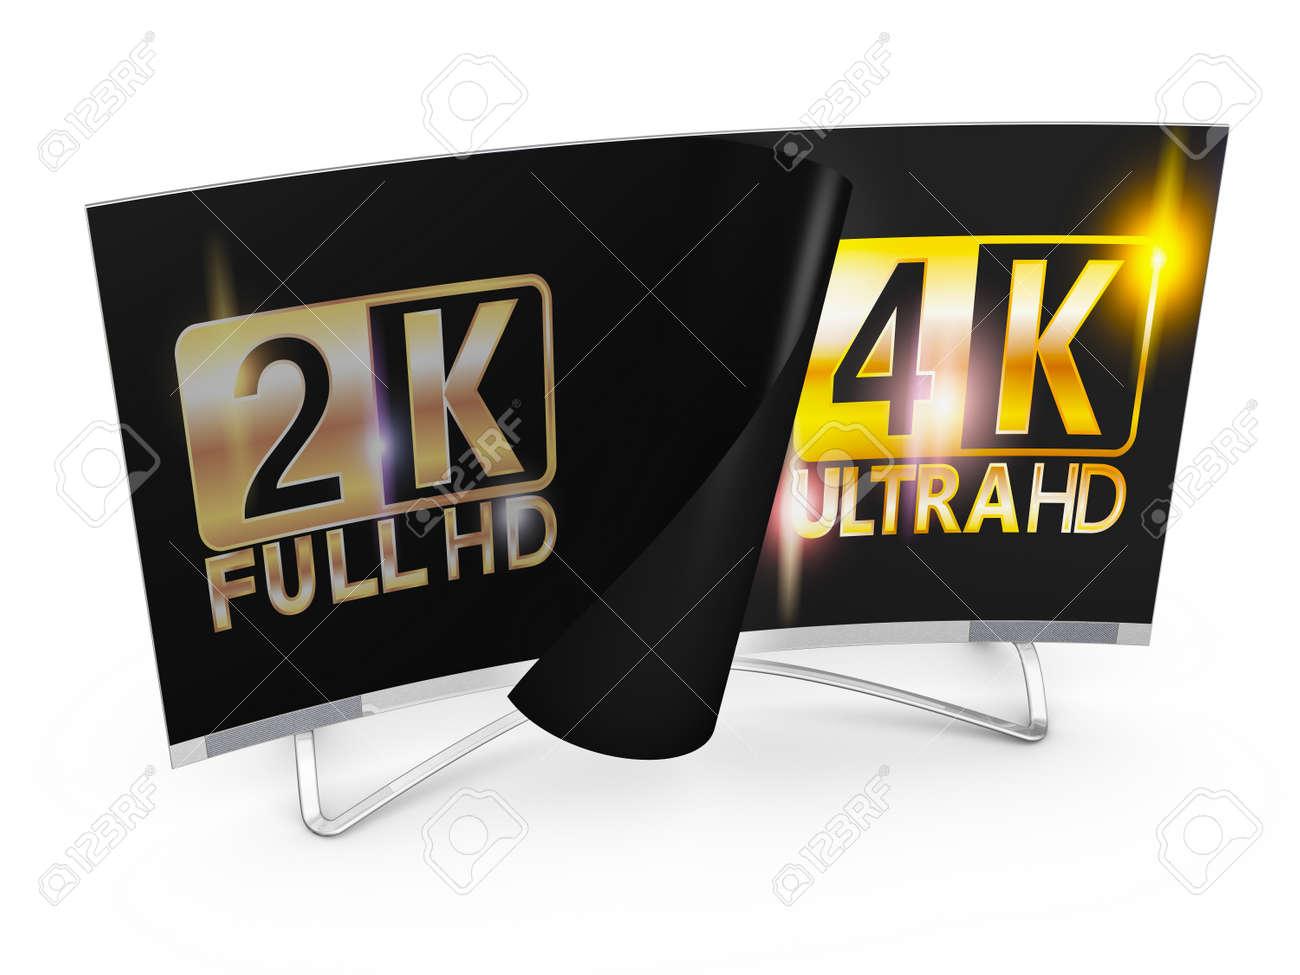 Dashing And Ultra Hd Inscription On Screen Stock Photo Tv And Ultra Hd Inscription On Screen Stock 2k Vs 1k Paint 2k Vs 4k Video Tv dpreview 2k Vs 4k